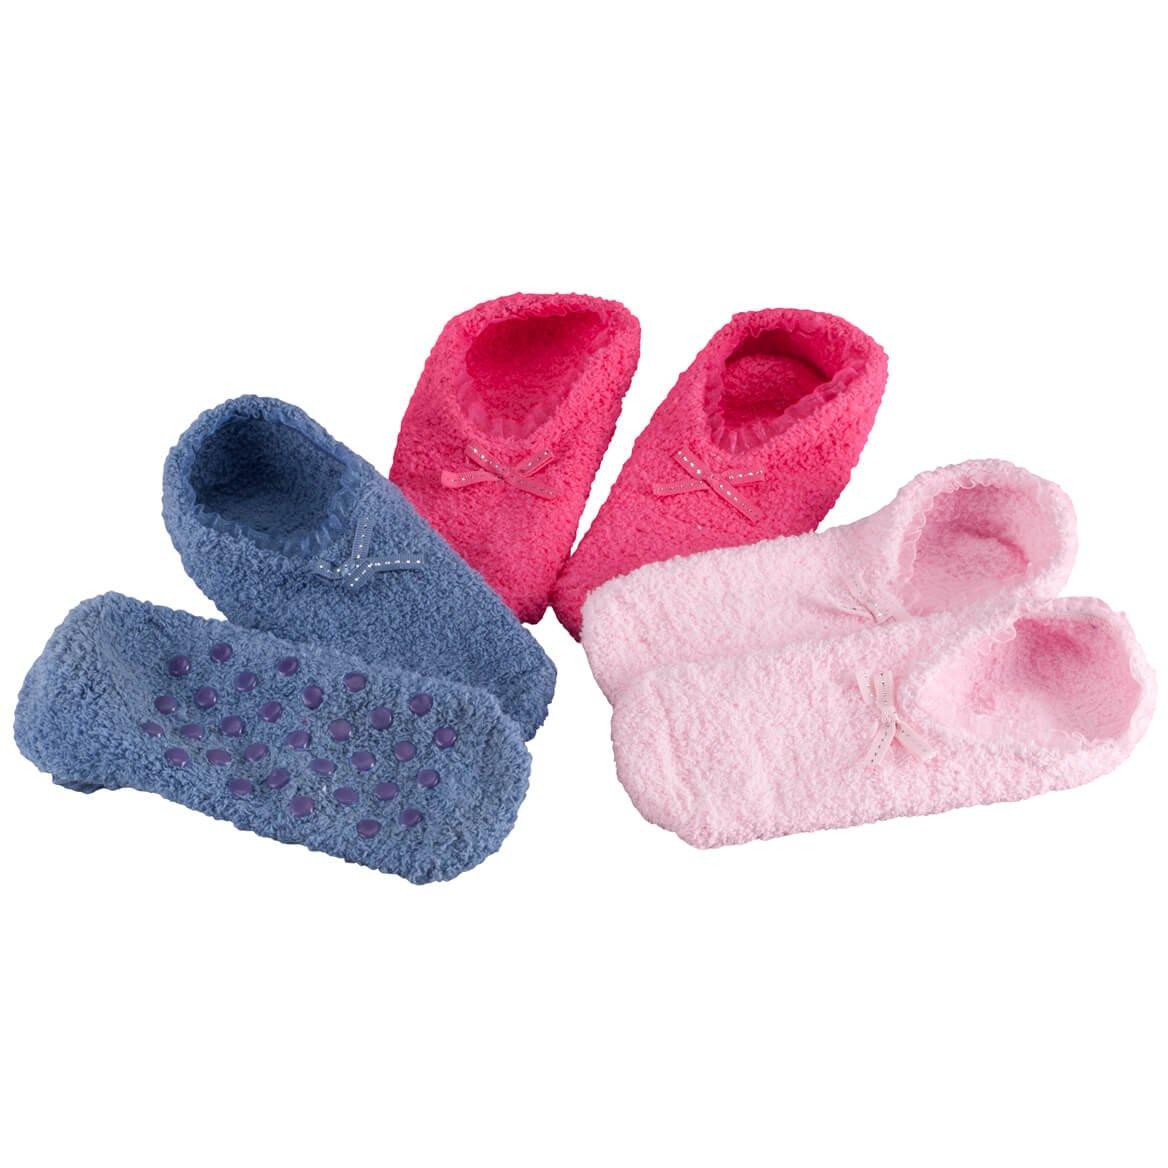 Miles Kimball Ballet Gripper Socks, 3 Pair